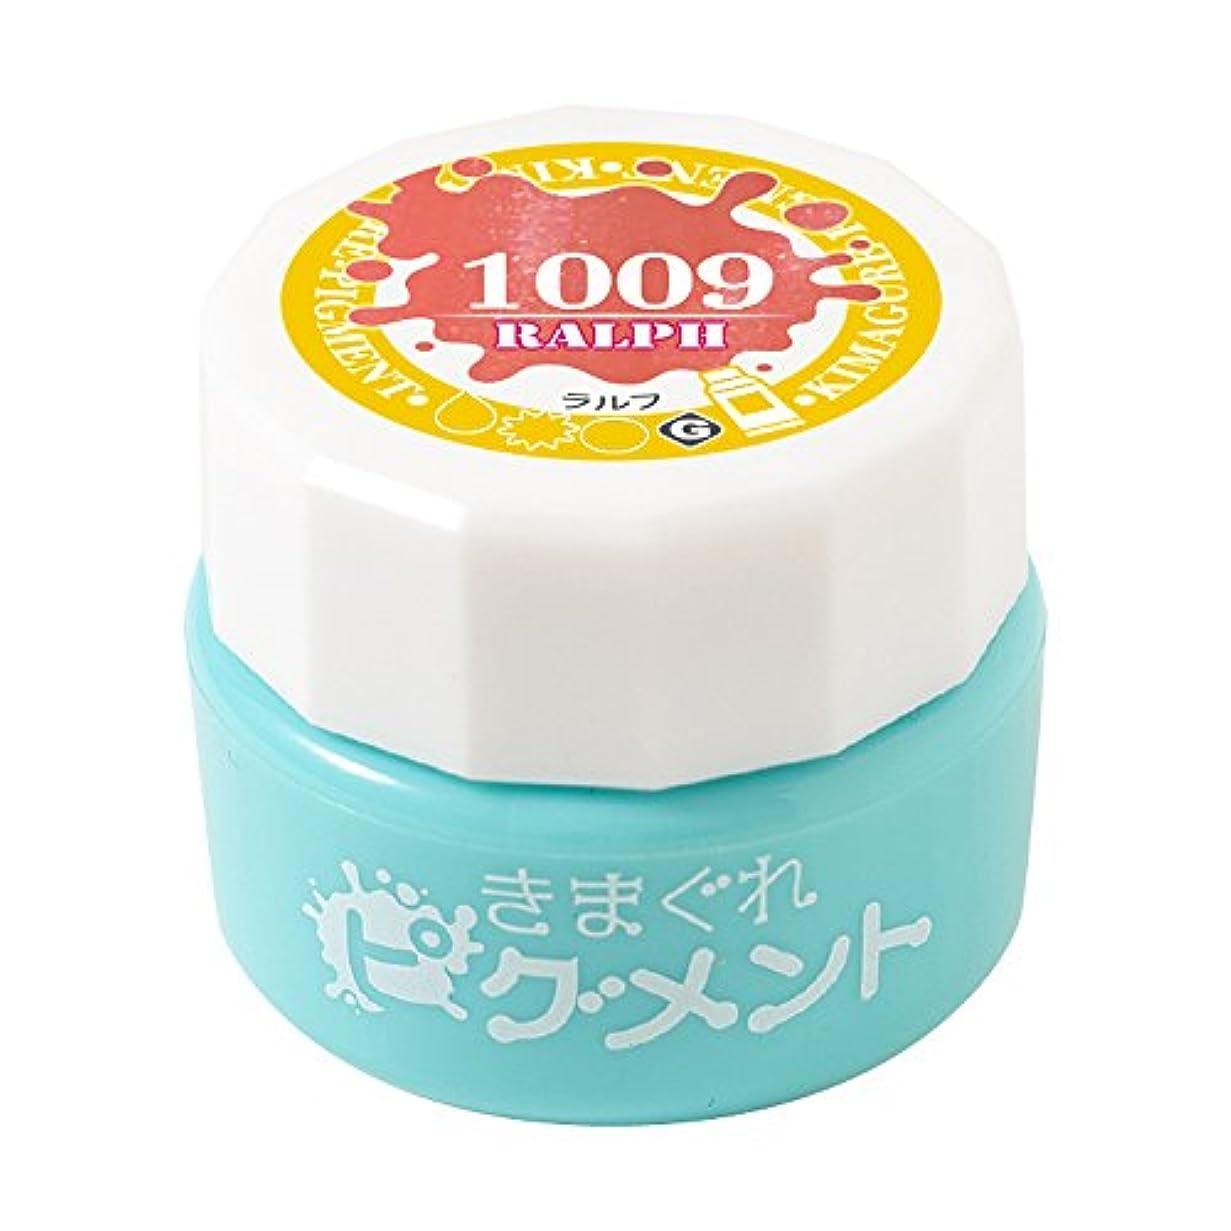 男らしさ懐白雪姫Bettygel きまぐれピグメント ラルフ QYJ-1009 4g UV/LED対応